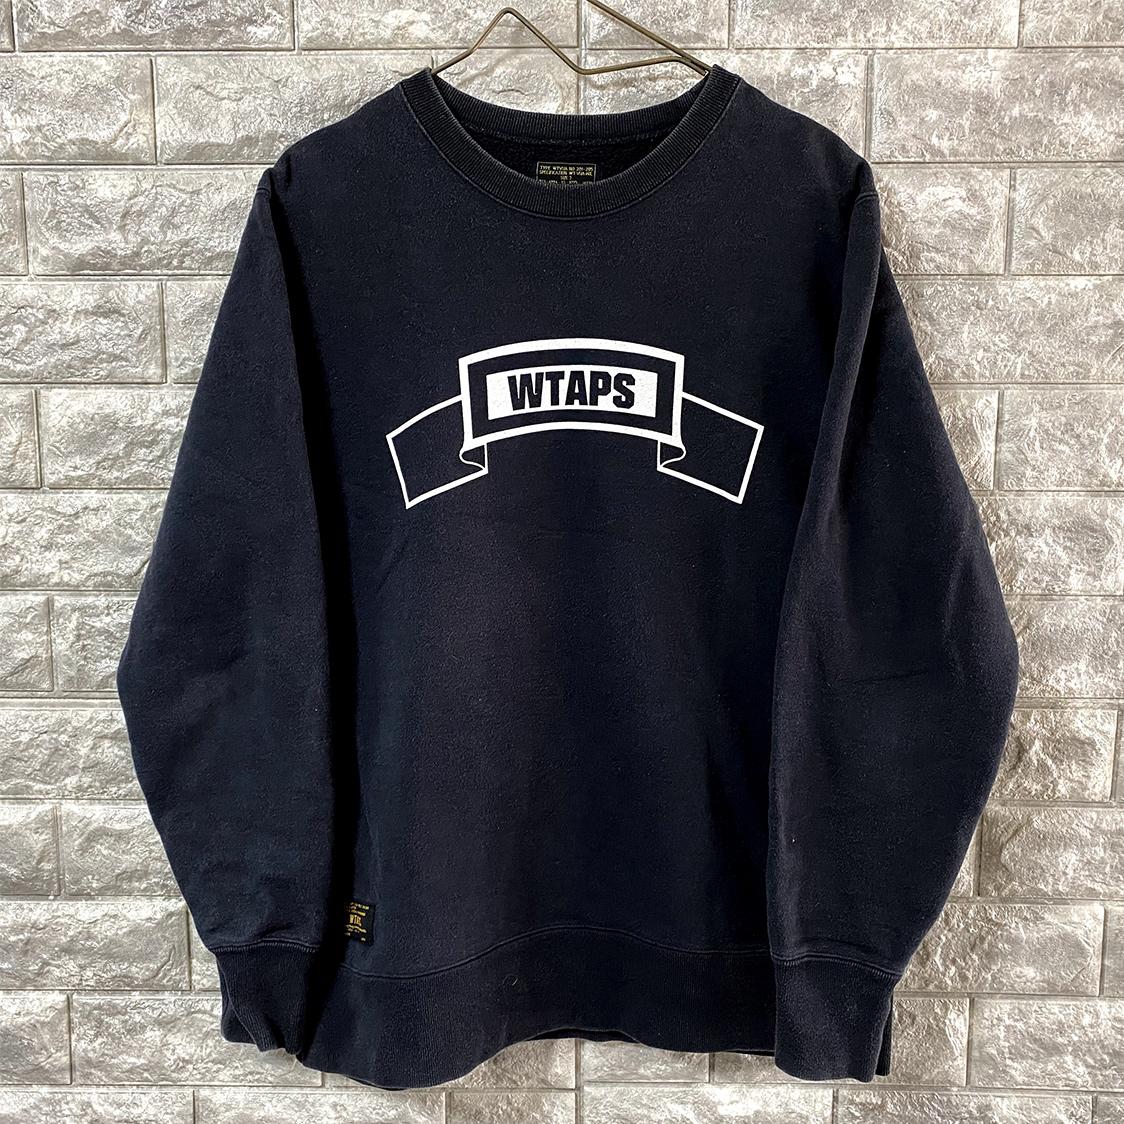 WTAPS ダブルタップス 【サイズ3】 ロゴ クルーネック スウェット ネイビー